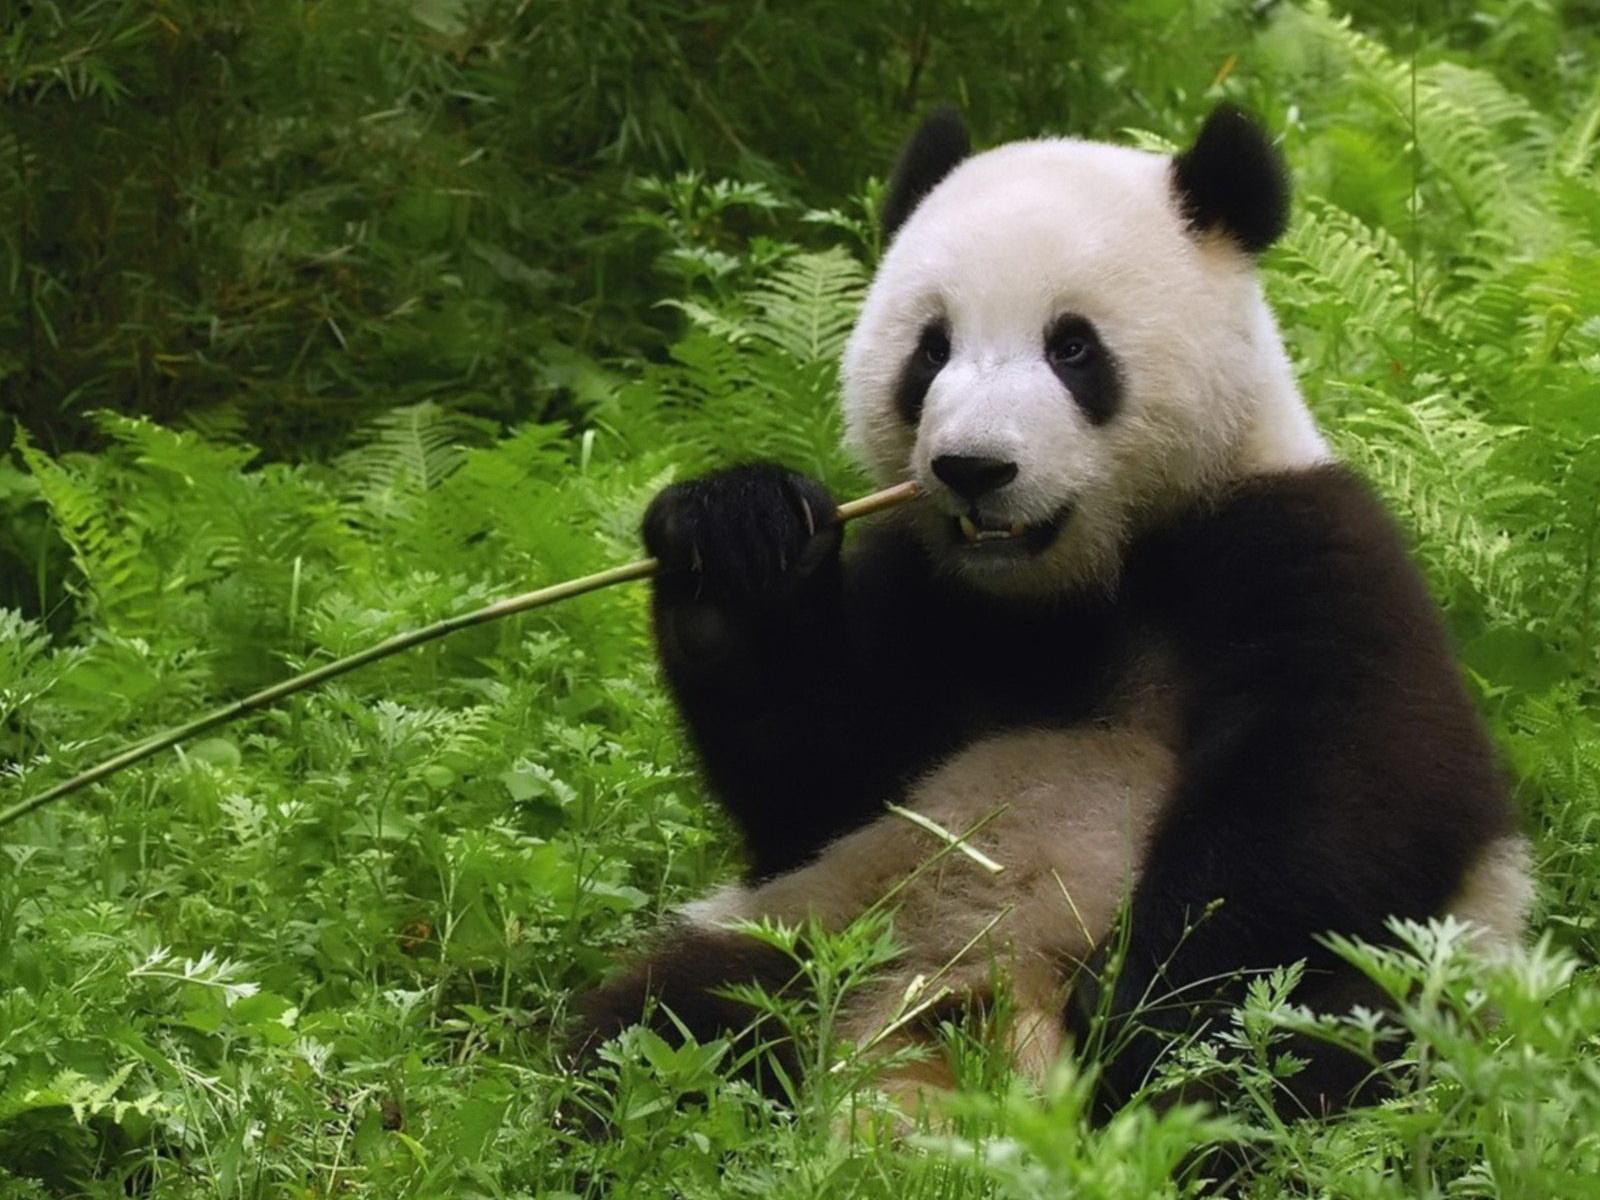 http://1.bp.blogspot.com/-AAkB3Uyf9VM/Tq0Eg-BFV9I/AAAAAAAABc0/Zu2hmeAZL98/s1600/Panda-In-Bamboo-Forest_wallpapers.jpg